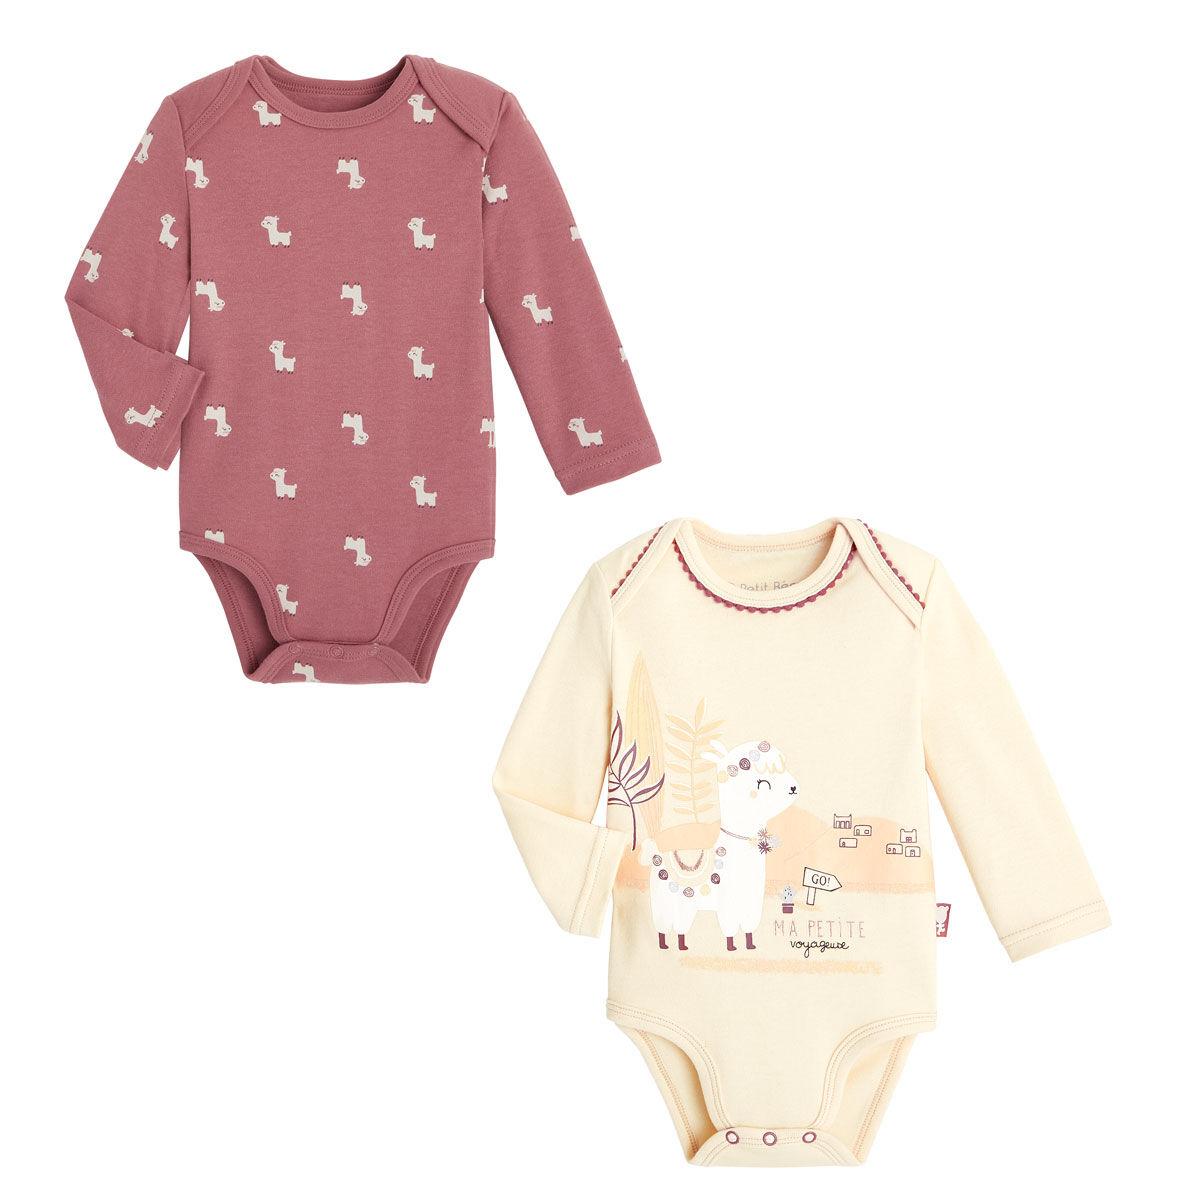 Petit Béguin Lot de 2 bodies bébé fille manches longues Zhao - Taille - 36 mois